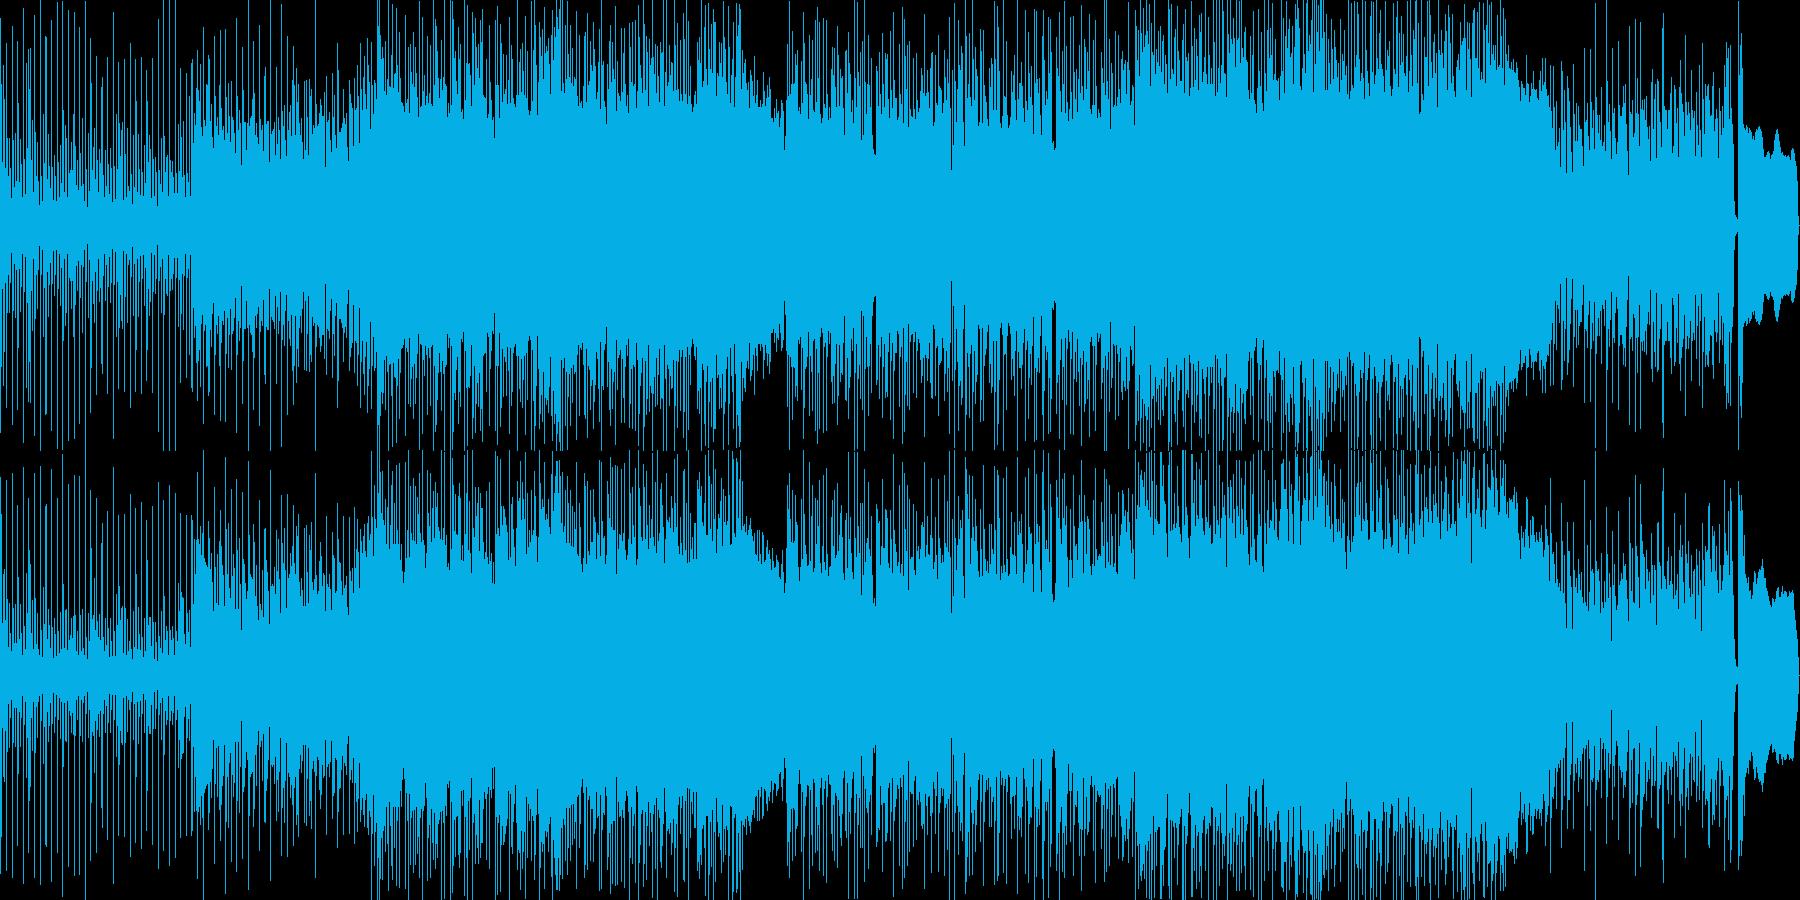 三味線とエレキギターの和風ロックな曲の再生済みの波形